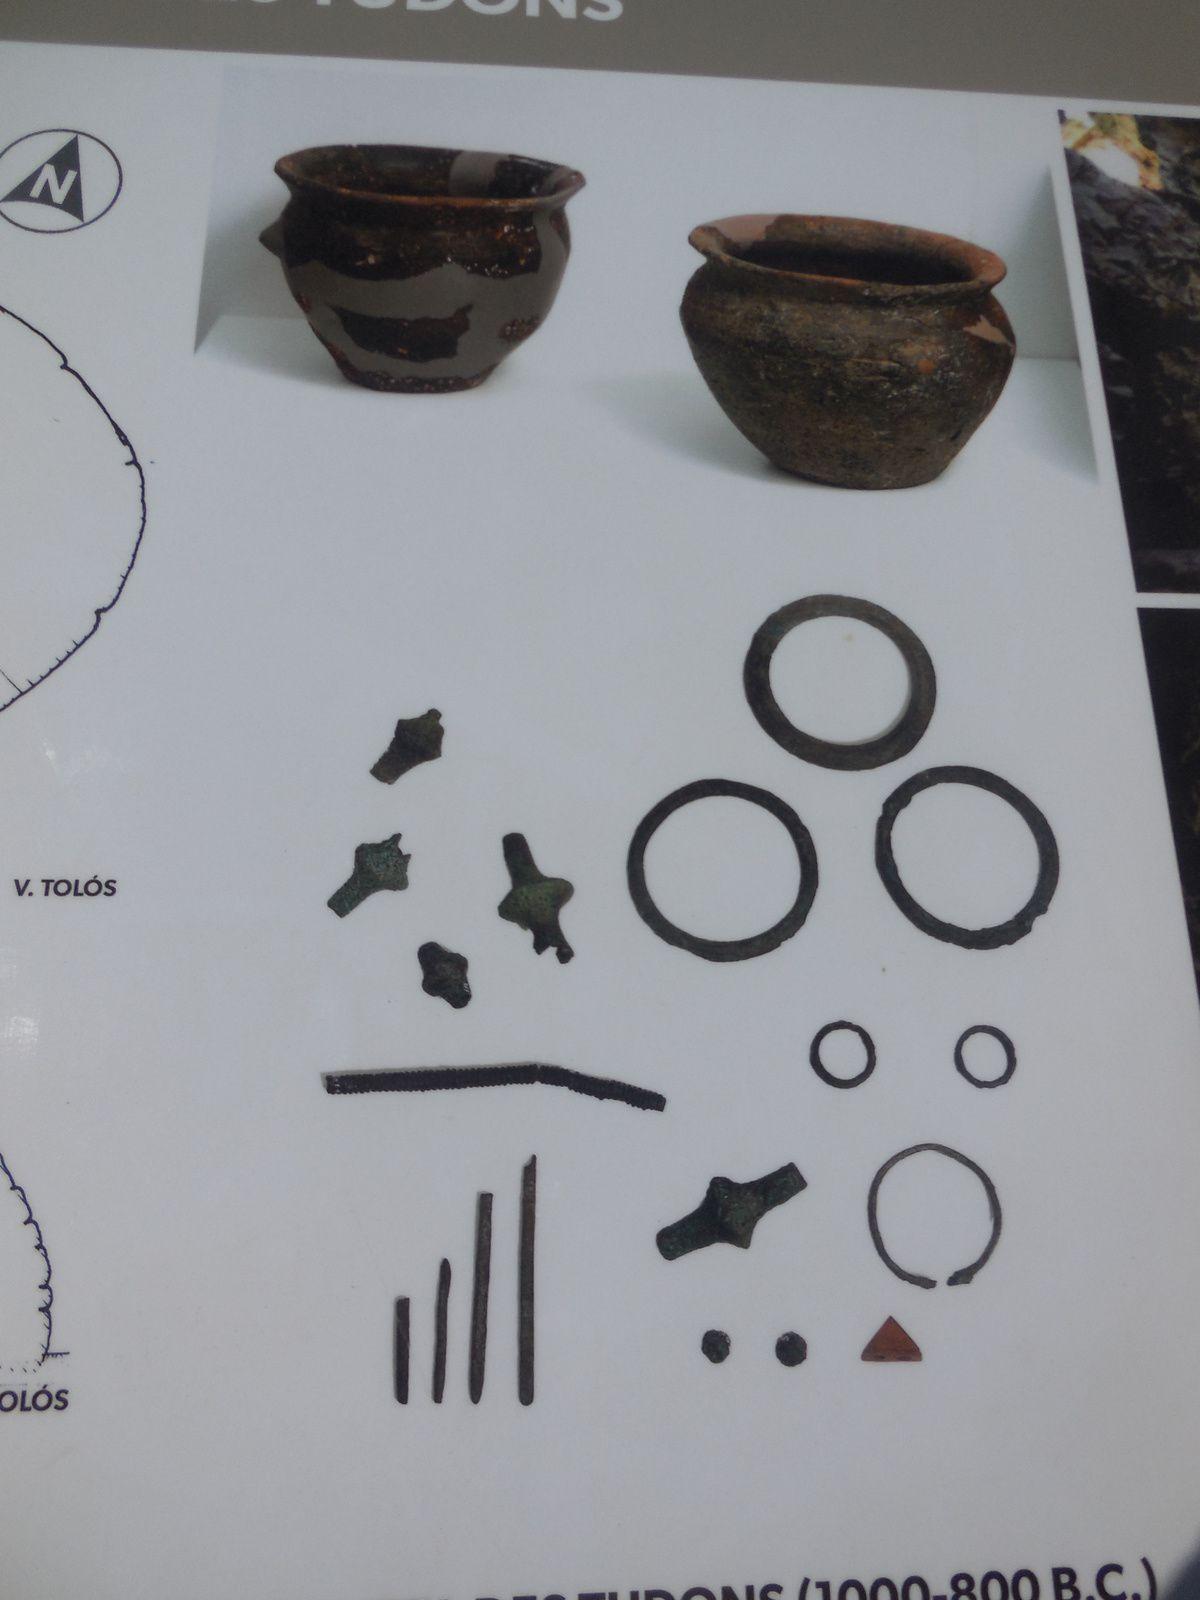 Résultats des fouilles effectuées en 1959. (bracelets en bronze, boutons en os...)